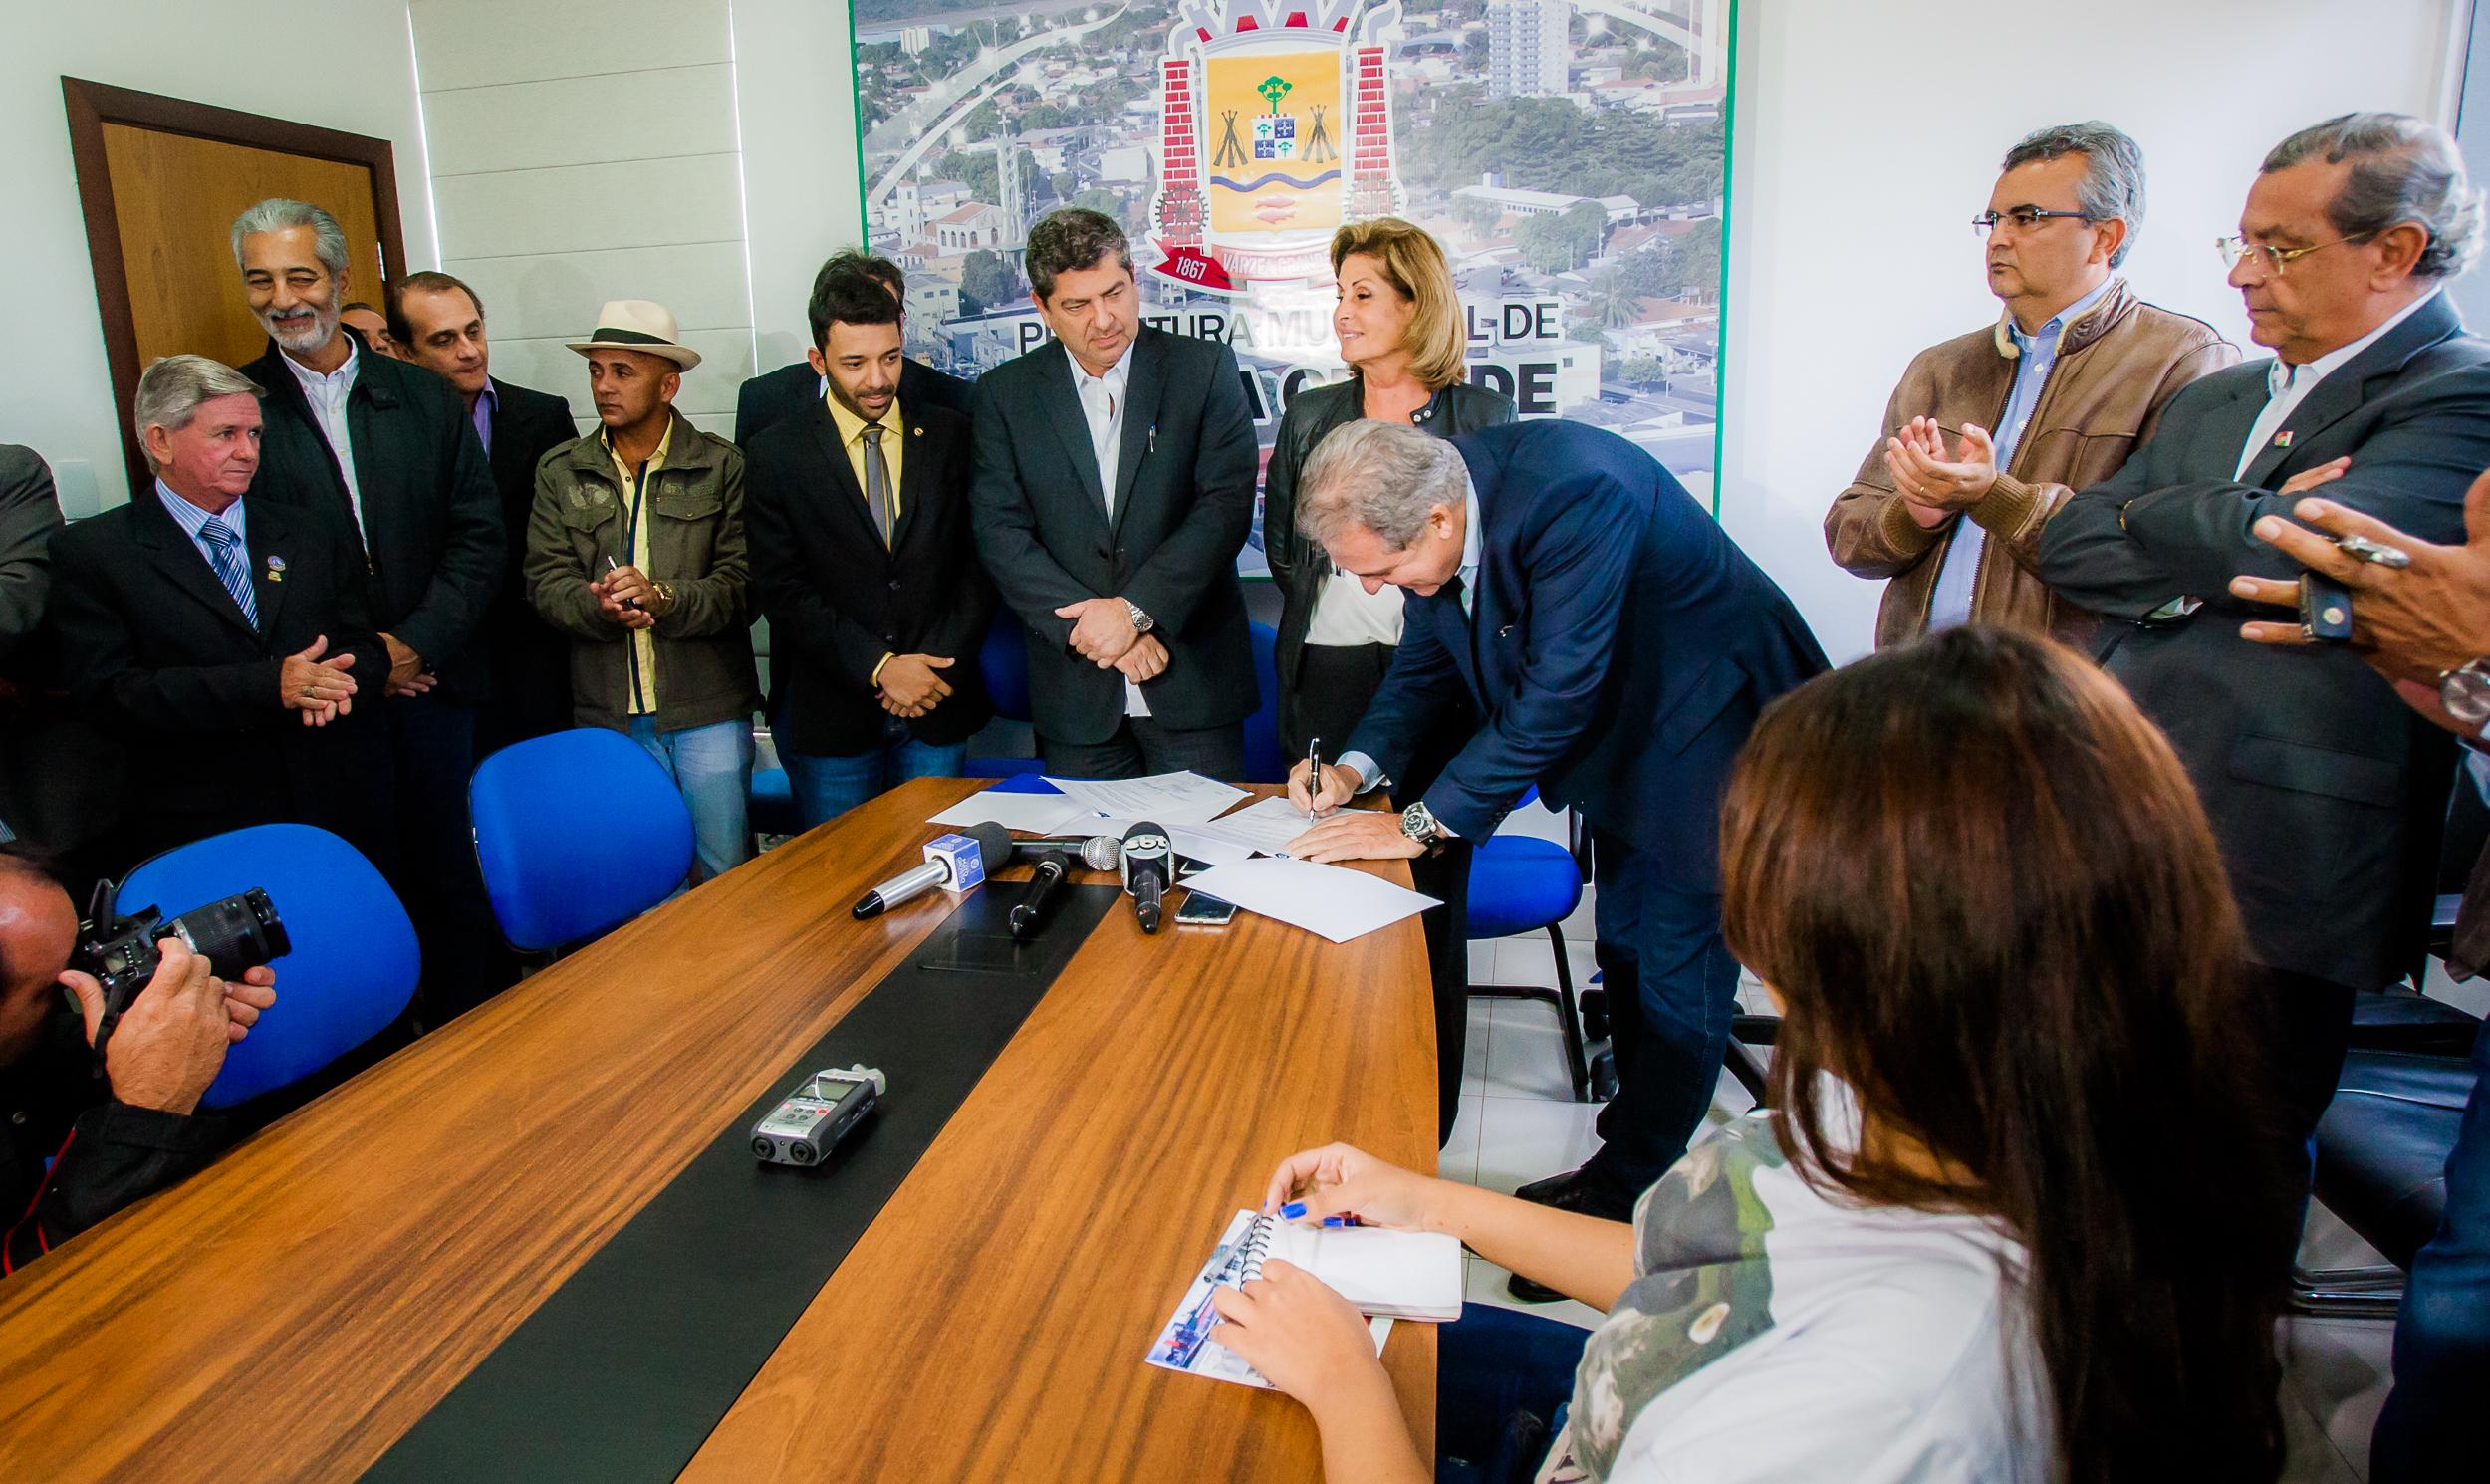 Governo investe R$ 27 milhões na duplicação de avenida em Várzea Grande